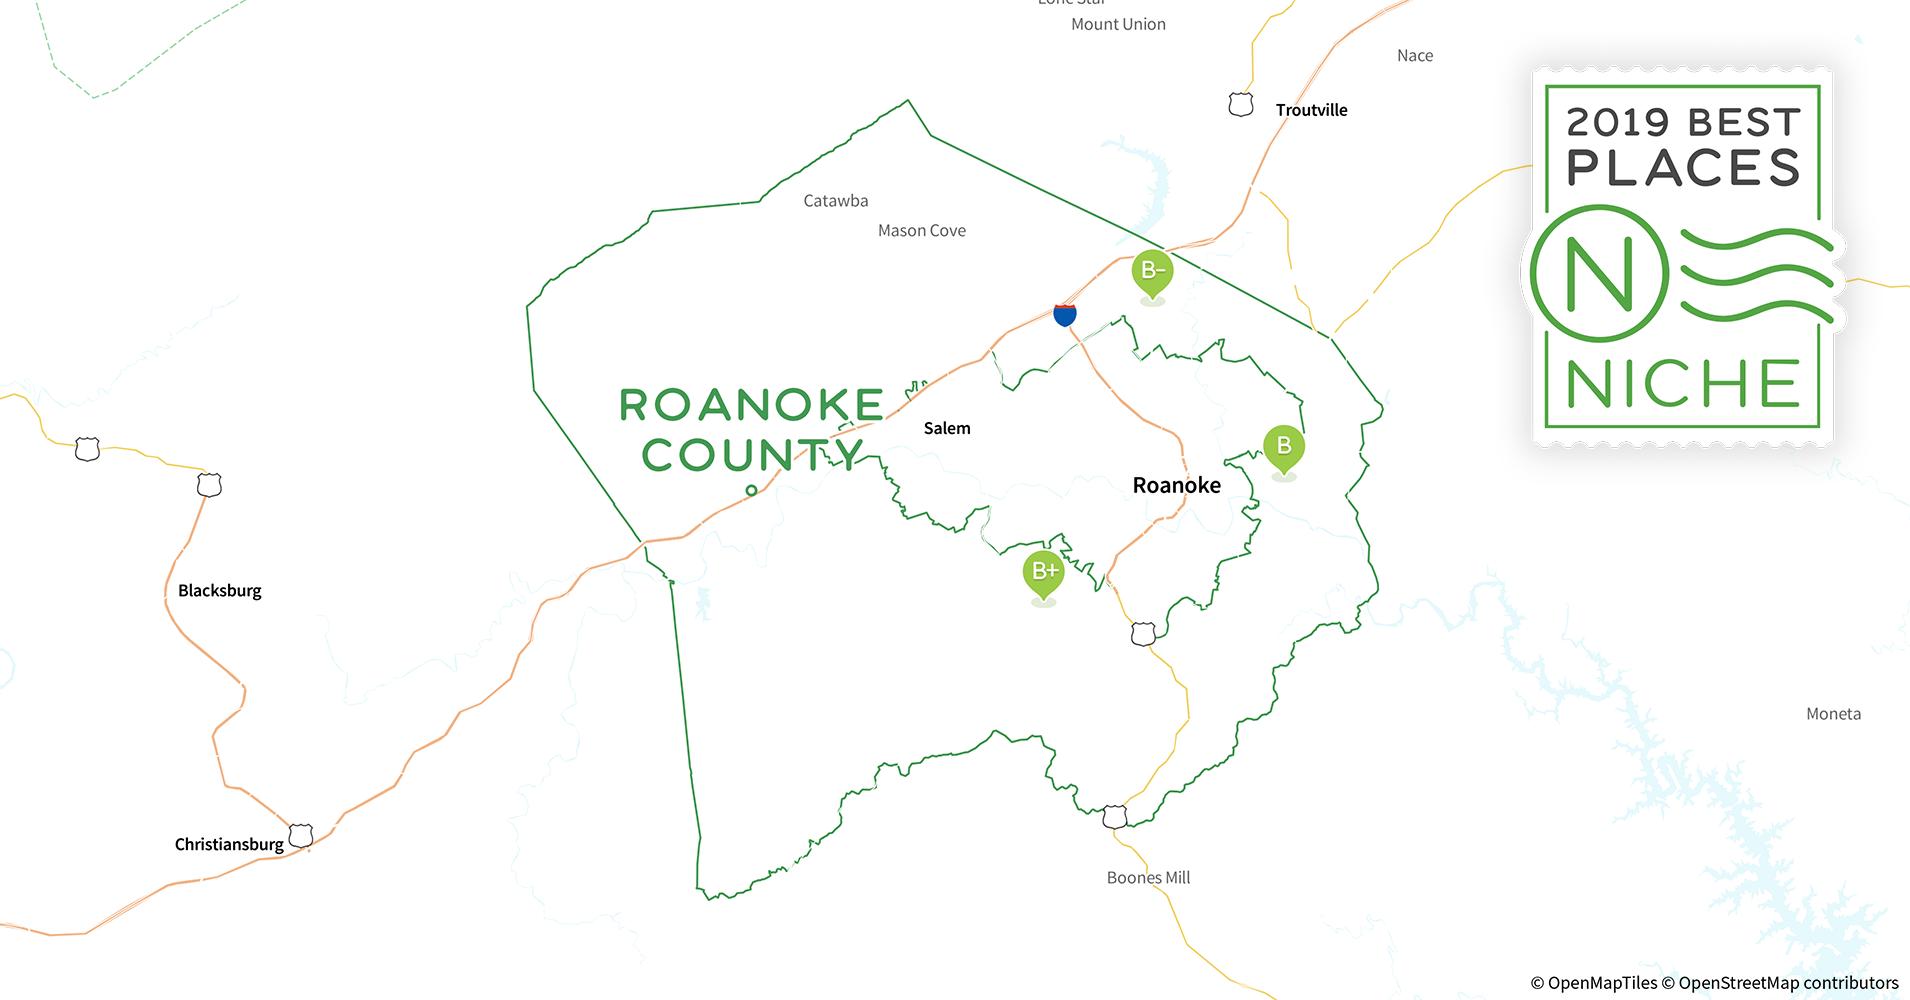 Roanoke Zip Code Map.2019 Best Places To Live In Roanoke County Va Niche